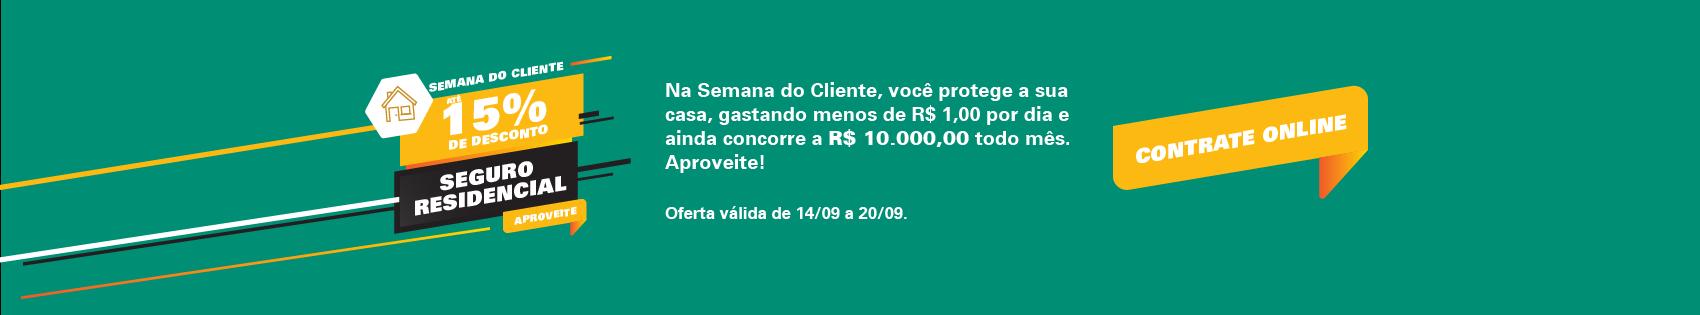 Proteja sua casa por menos de R$ 1,00 por dia!